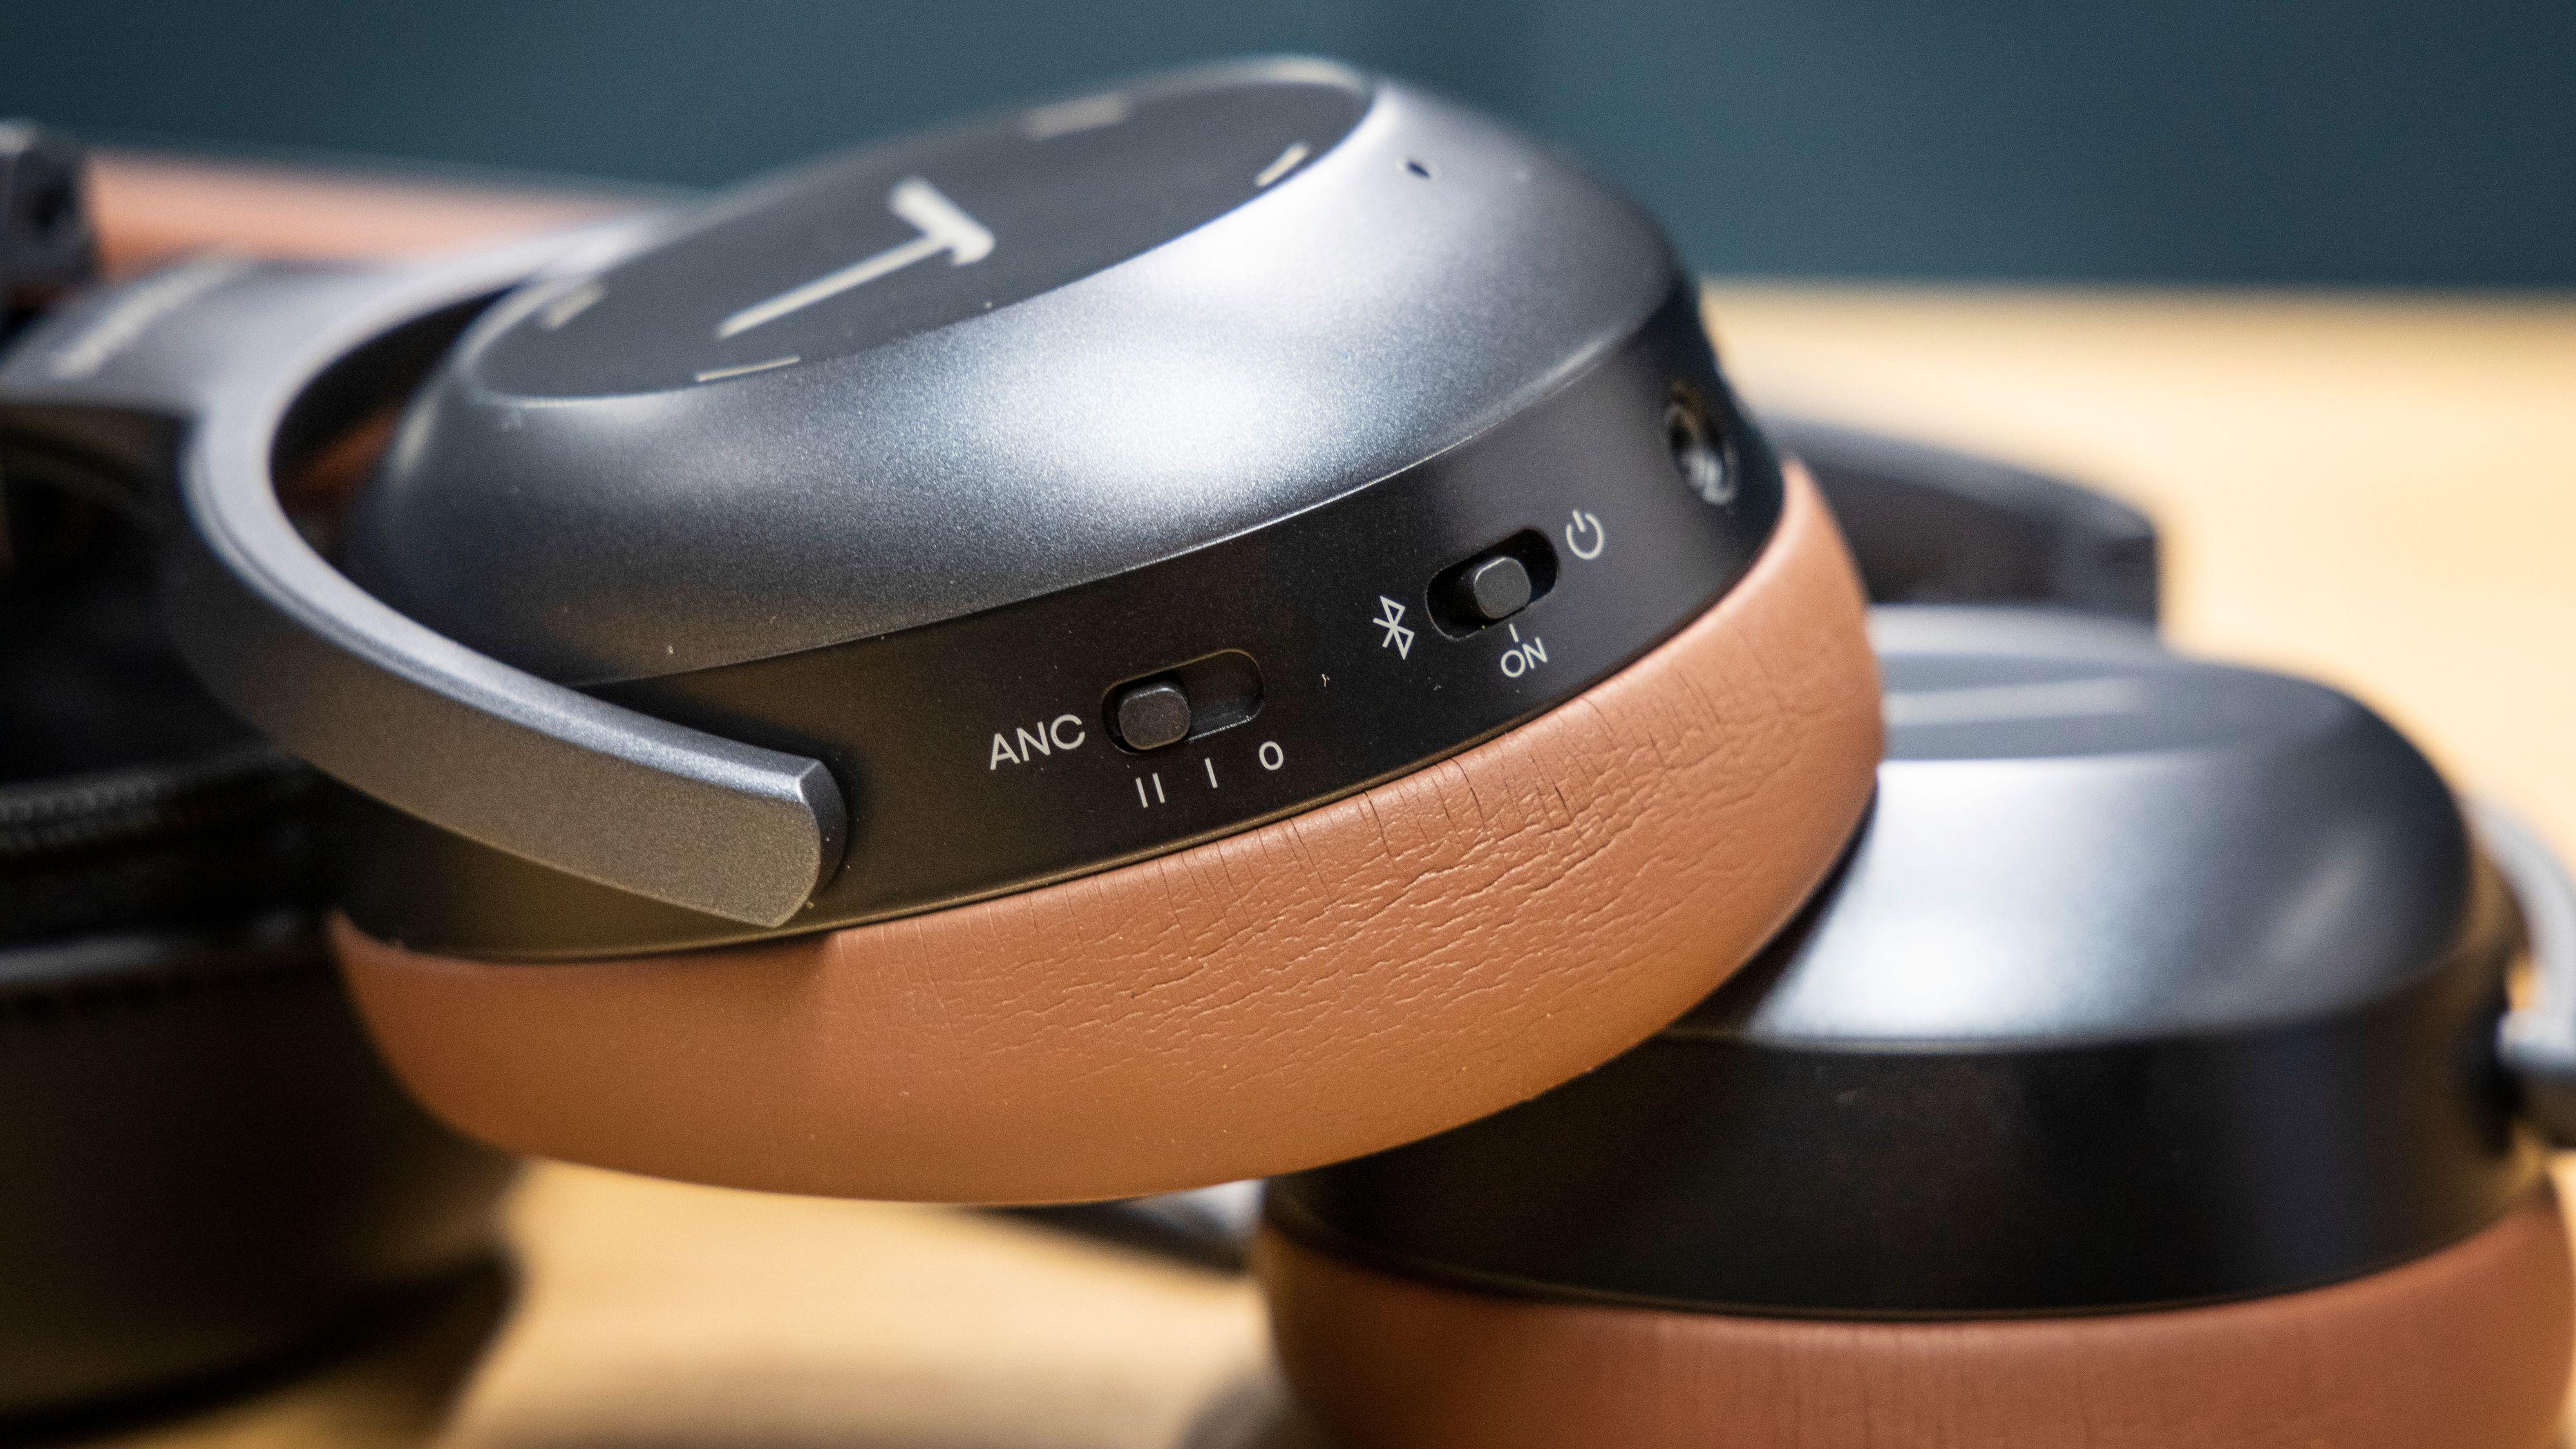 Støydempingen kan styres i to nivåer, og er uavhengig av på-knappen. Lagoon har uheldigvis ingen «ambient»-modus.